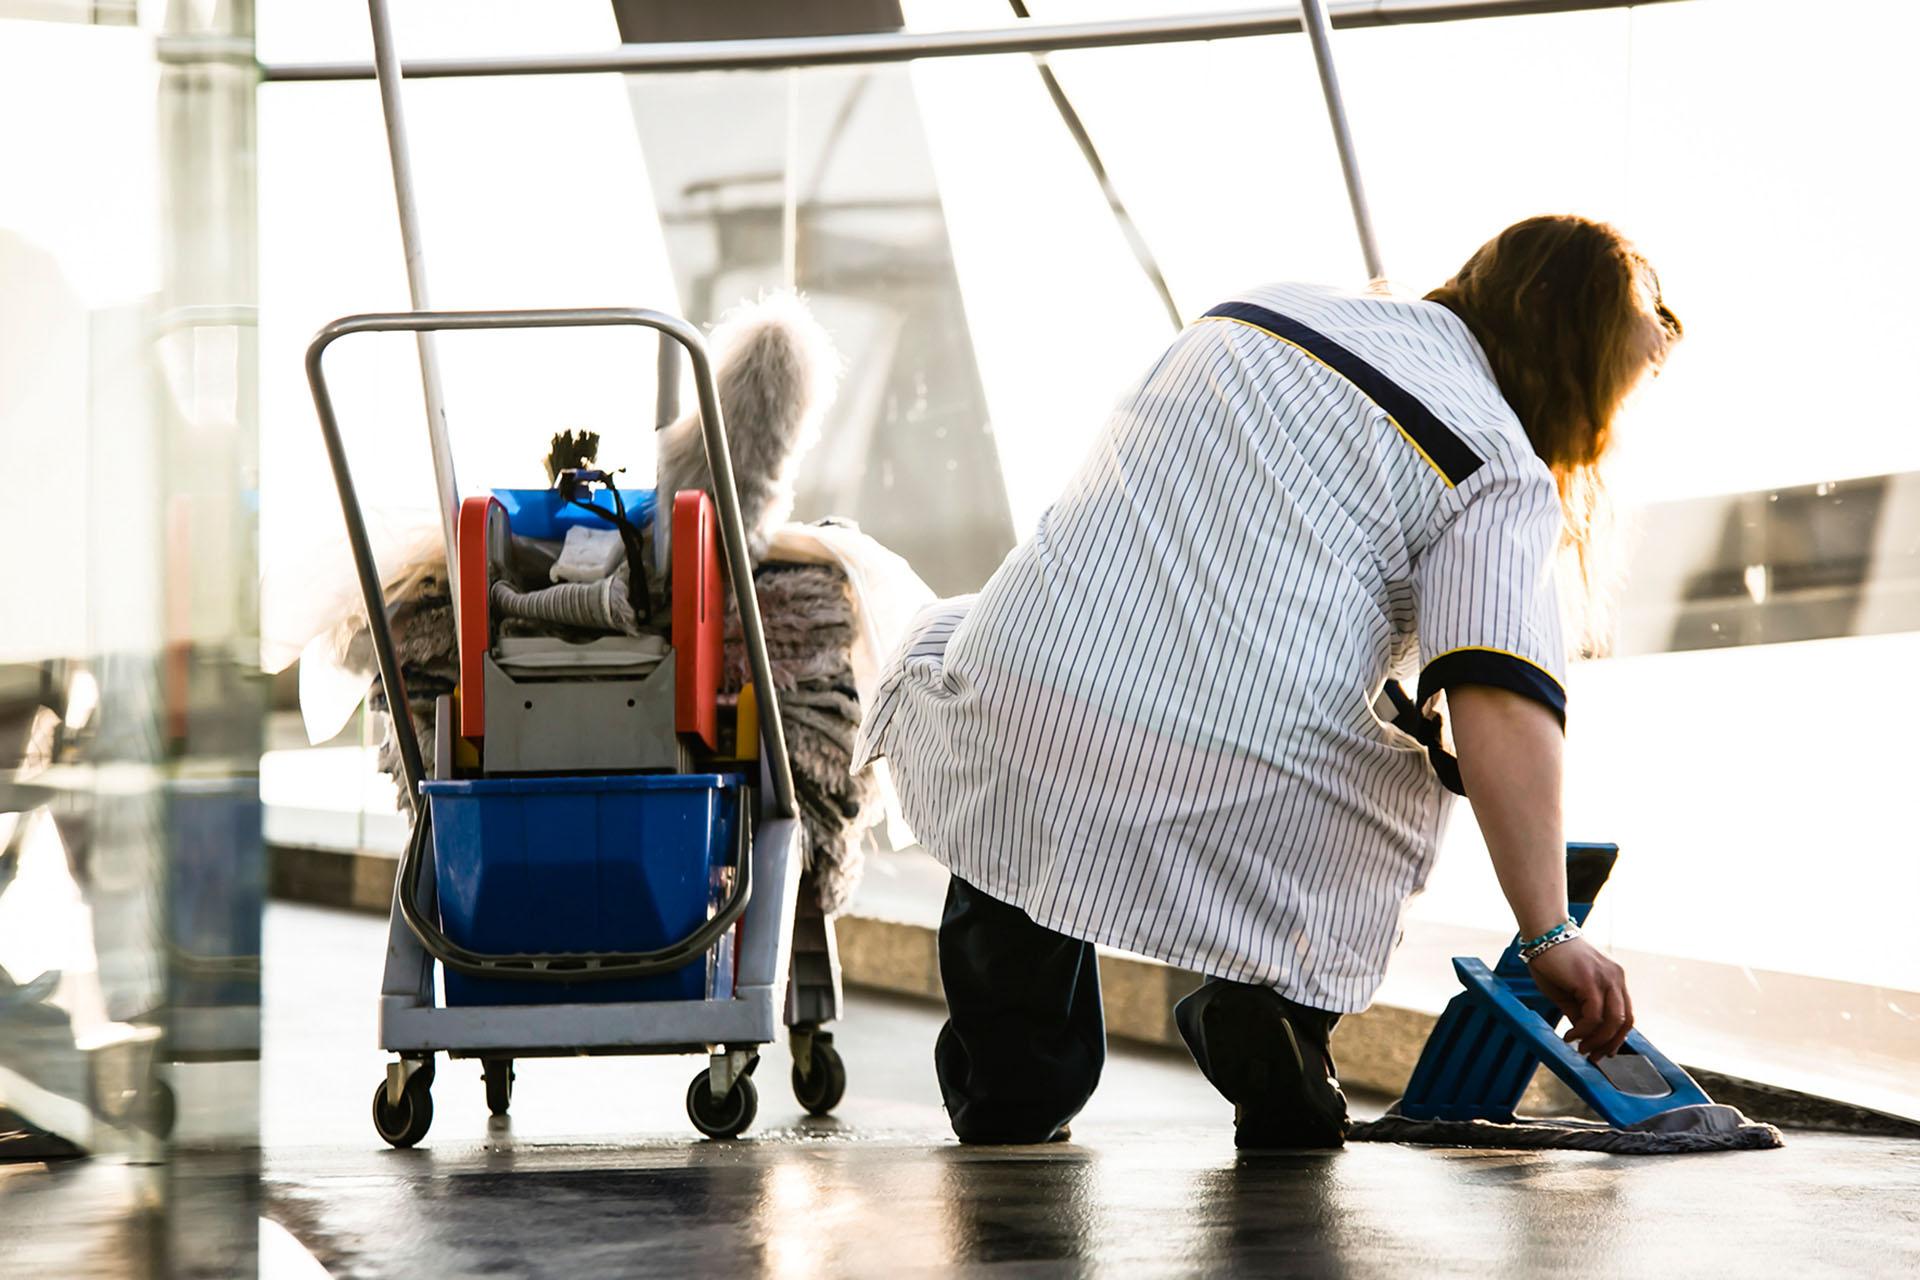 """Reinigungskräfte sind auf jeden Euro angewiesen. Jetzt wollen ihnen die Arbeitgeber Zuschläge und Urlaubstage streichen. Die Gebäudereiniger-Gewerkschaft IG BAU spricht von einem """"Schlag ins Gesicht"""" der Beschäftigten – und ruft zu einem """"heißen Sommer"""" in der Branche auf."""